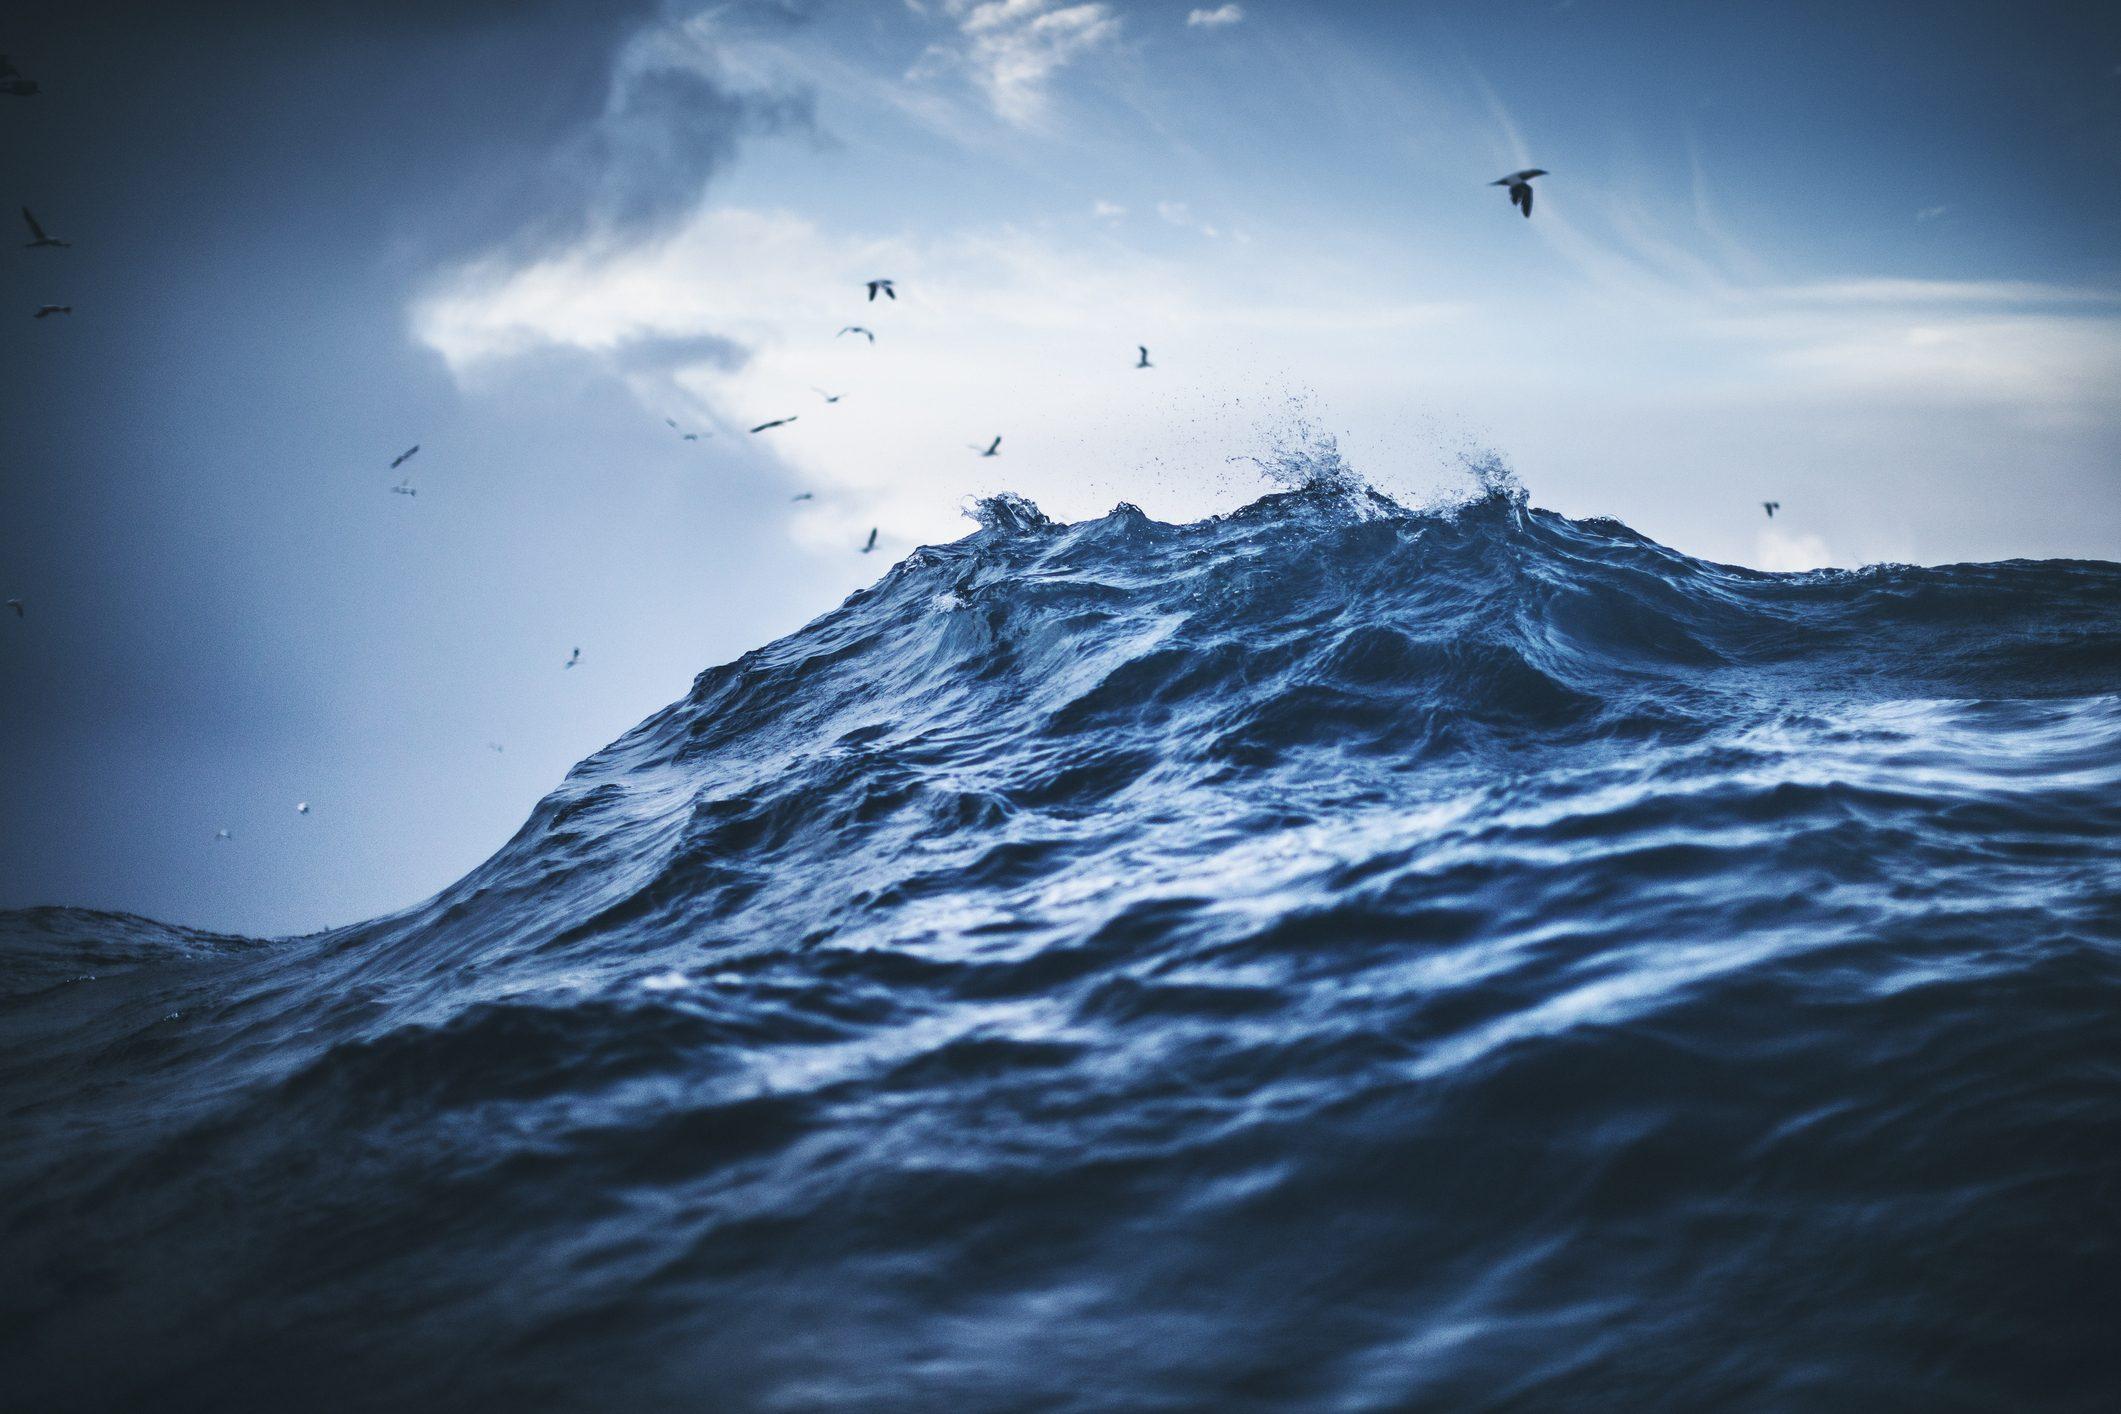 Le Più Belle Poesie Sul Mare Da Salvatore Quasimodo A